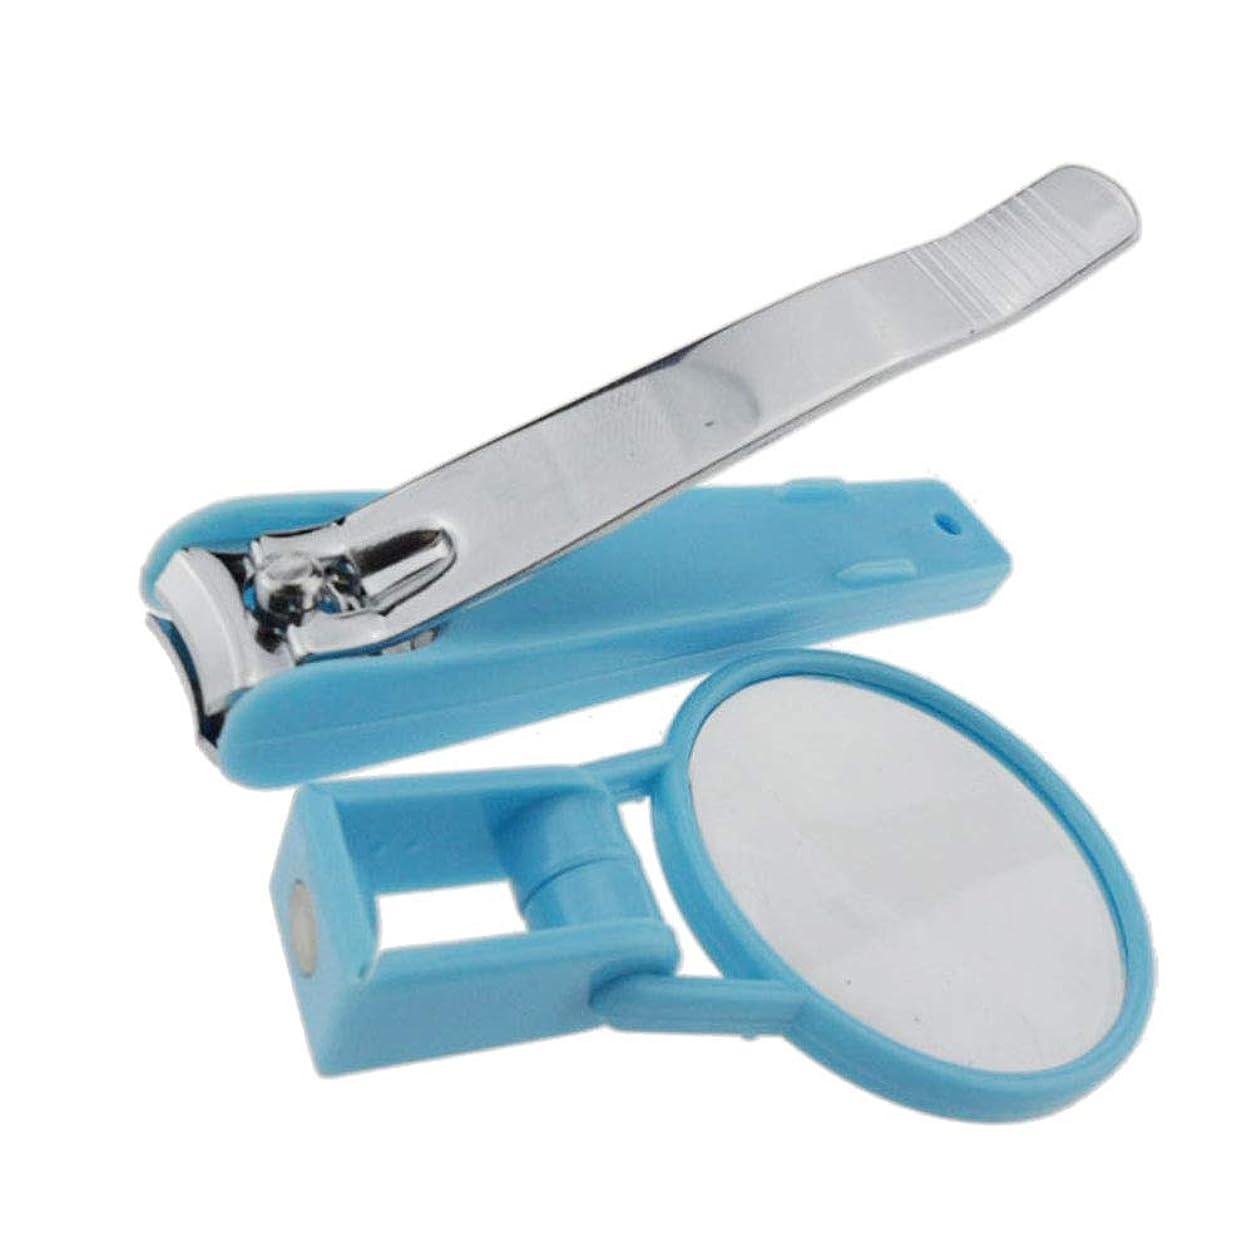 疑問を超えて最悪踏み台Healifty ベビーオールド用虫眼鏡付きネイルクリッパートリマー